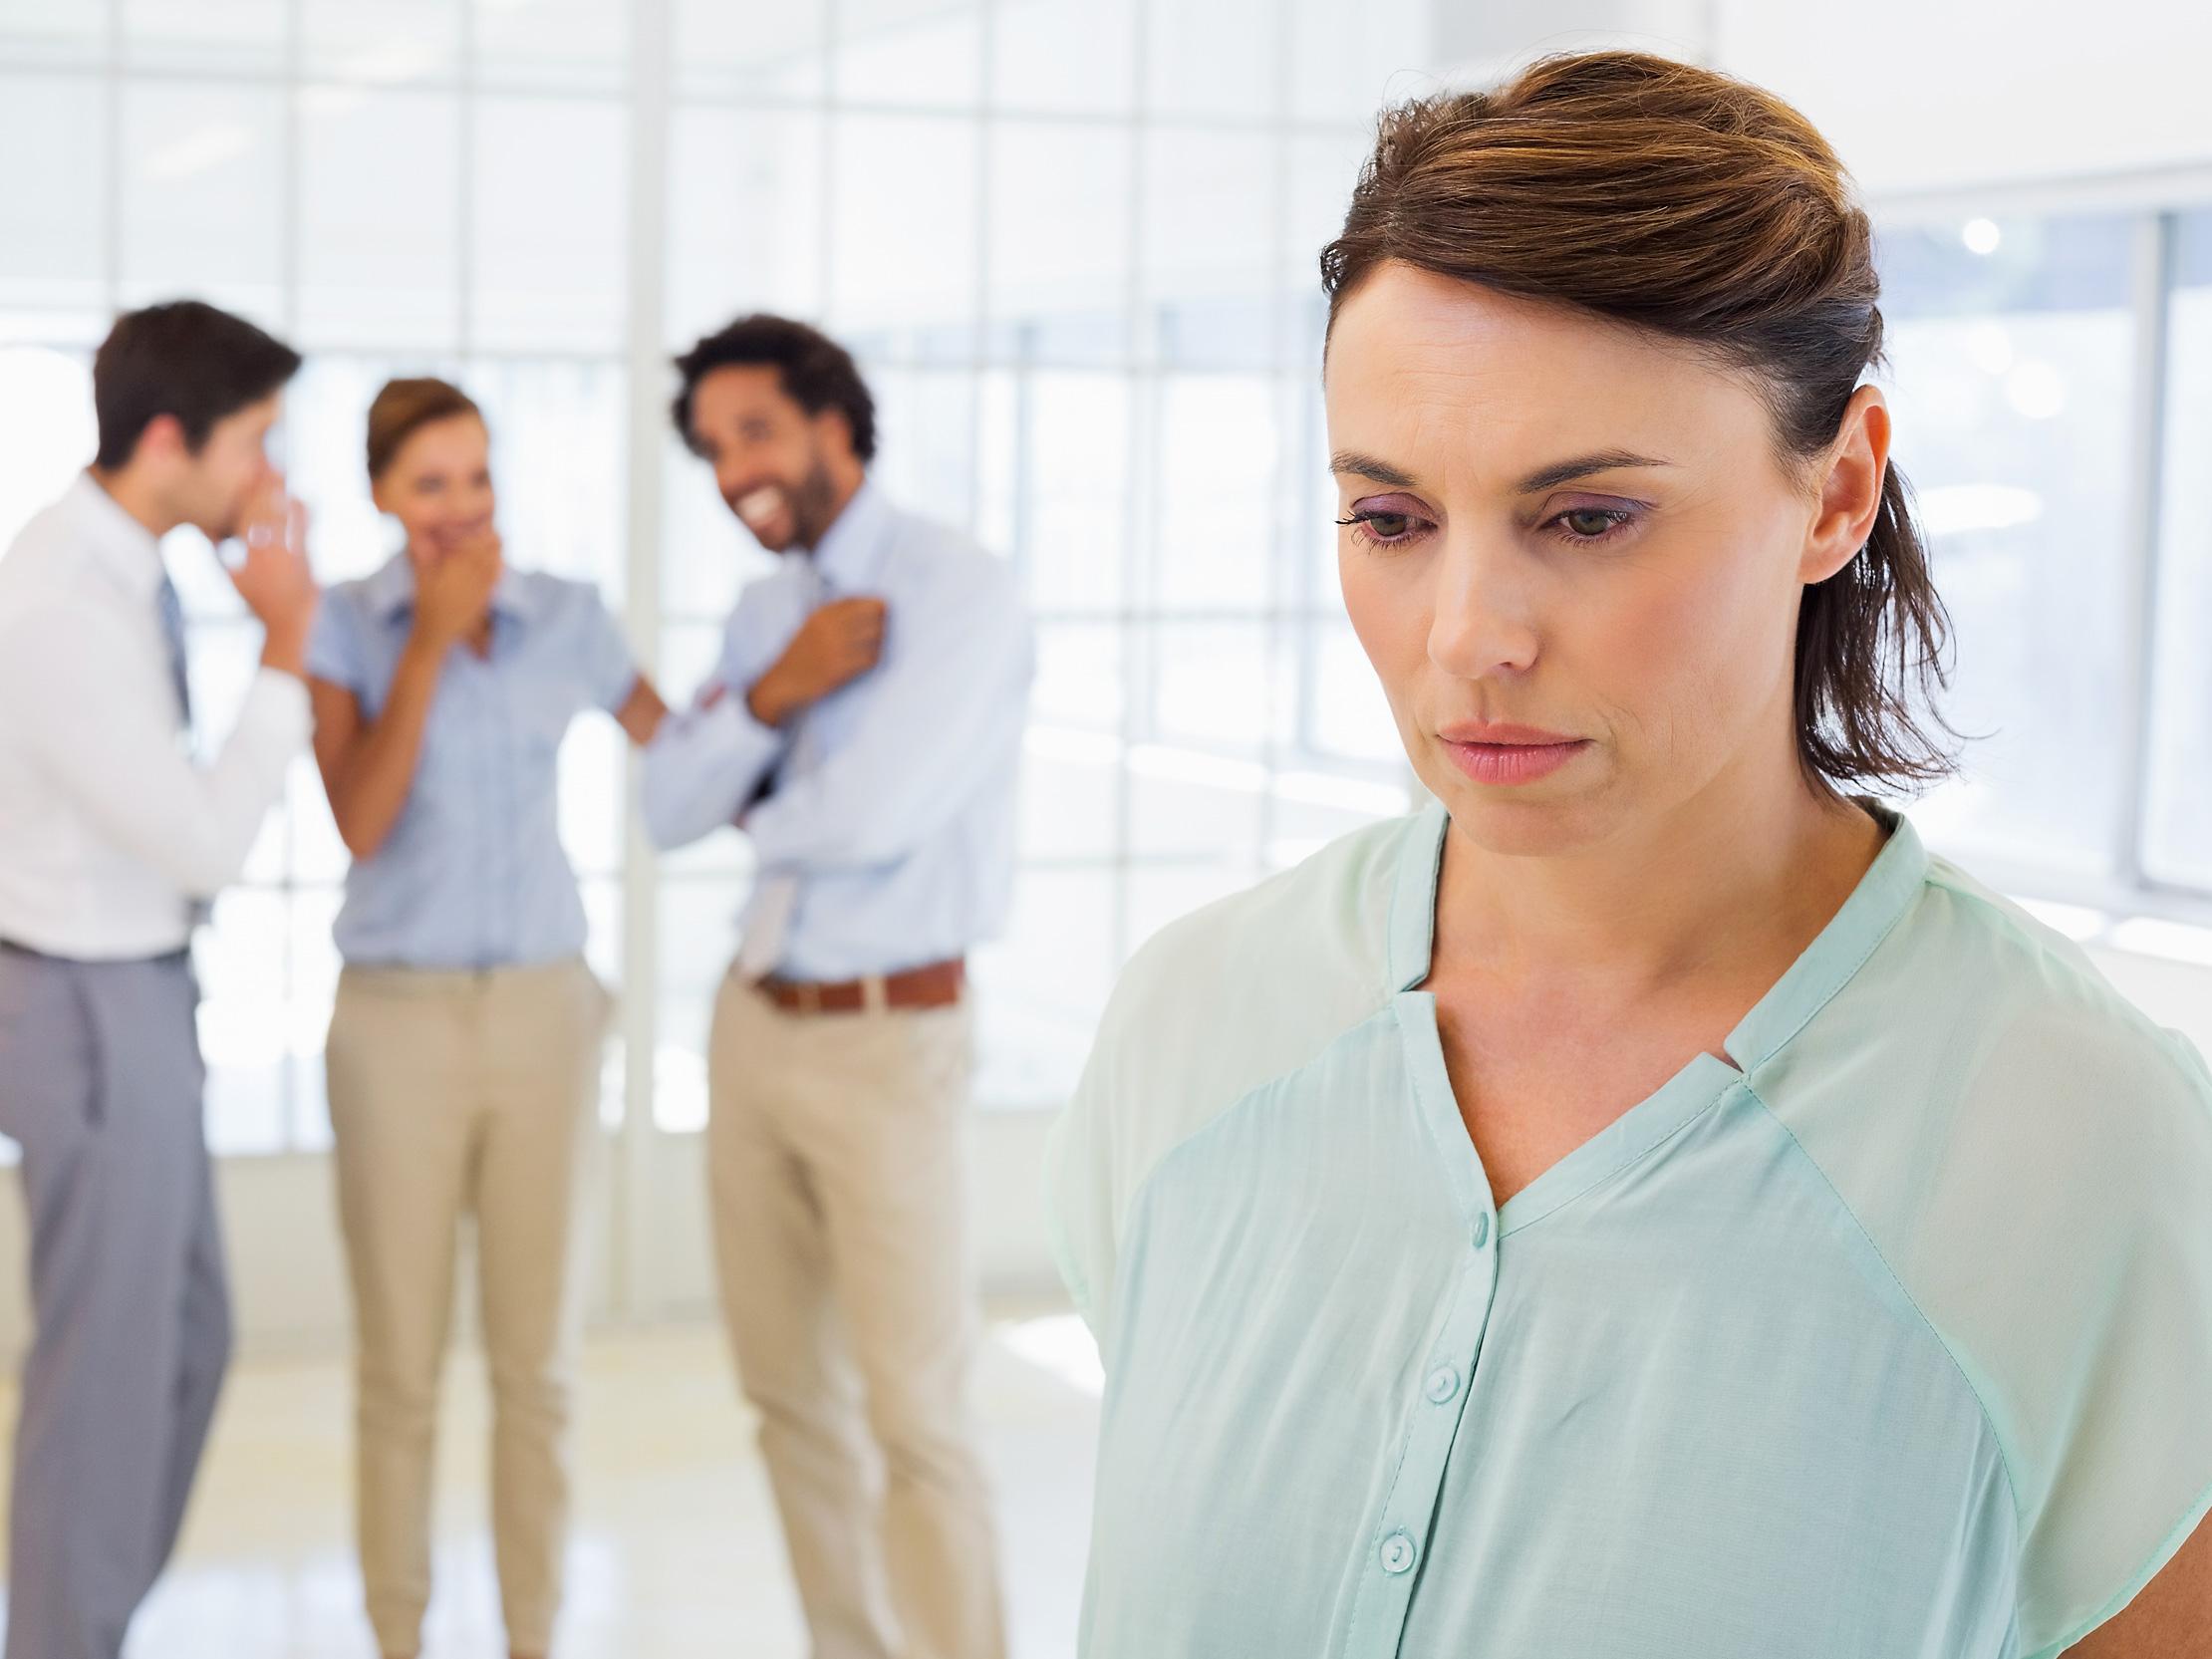 8 gode råd til at forebygge og håndtere mobning på arbejdspladsen